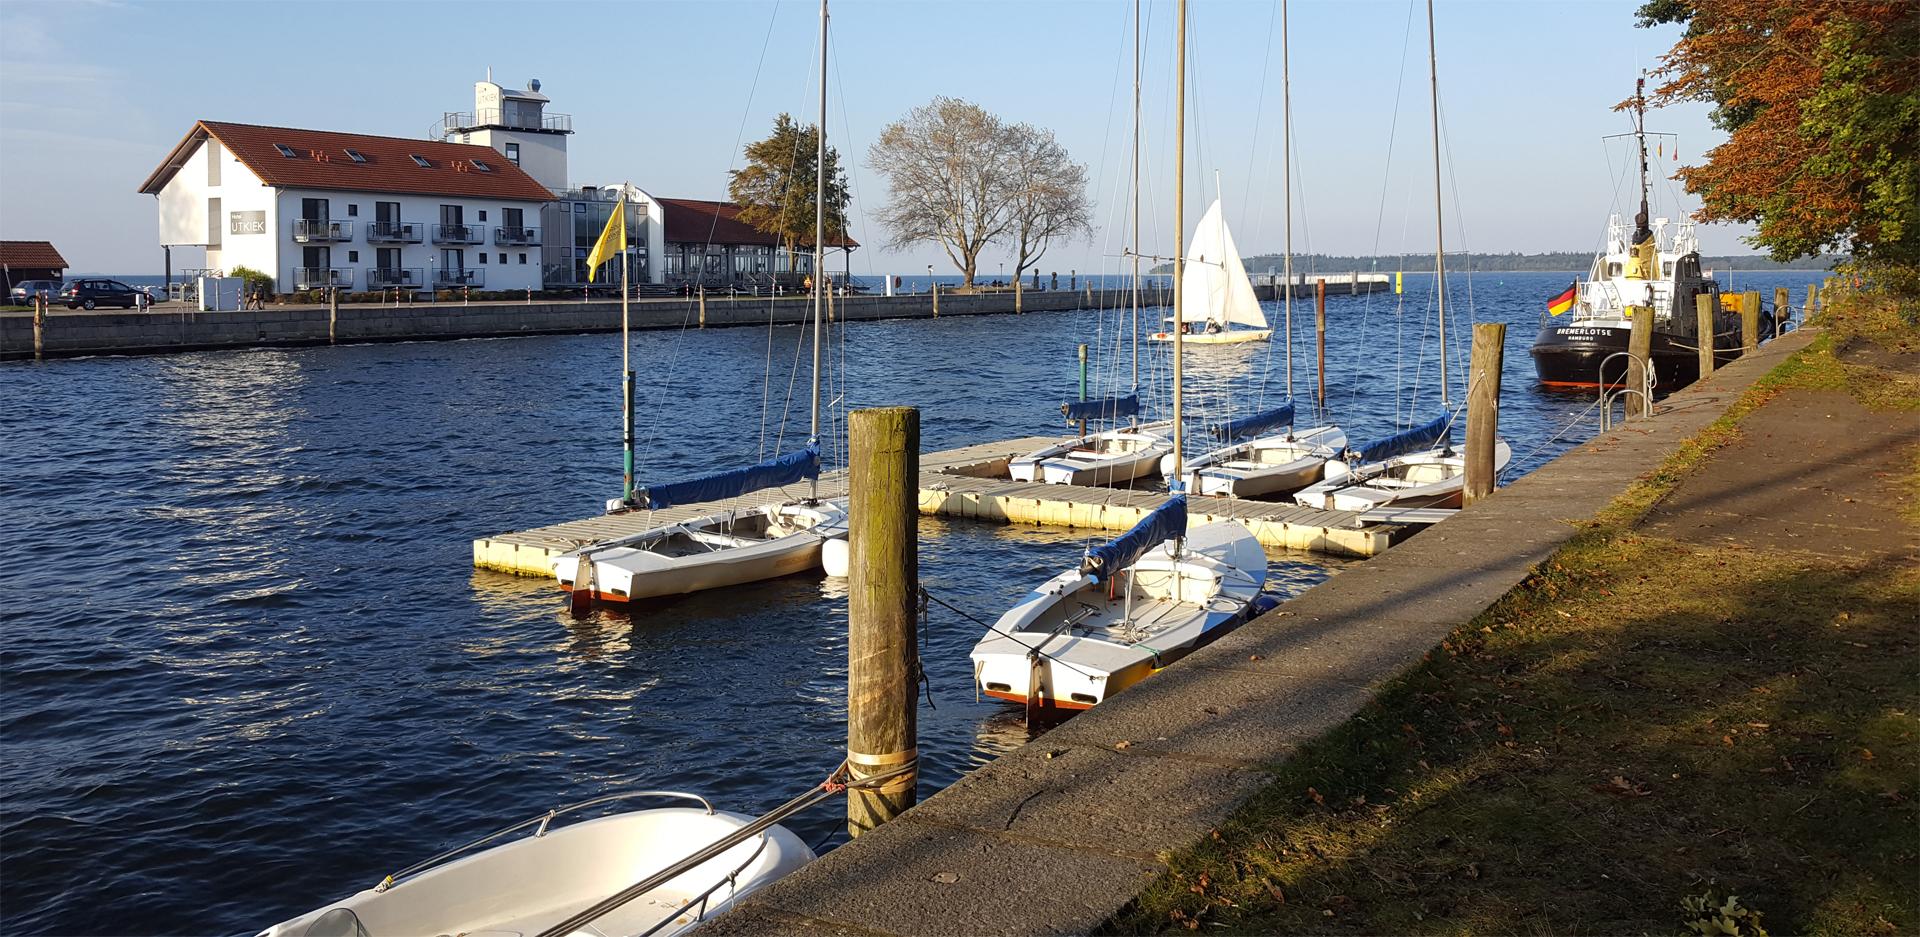 Herbst-Sonnenwetter in Greifswald-Wieck